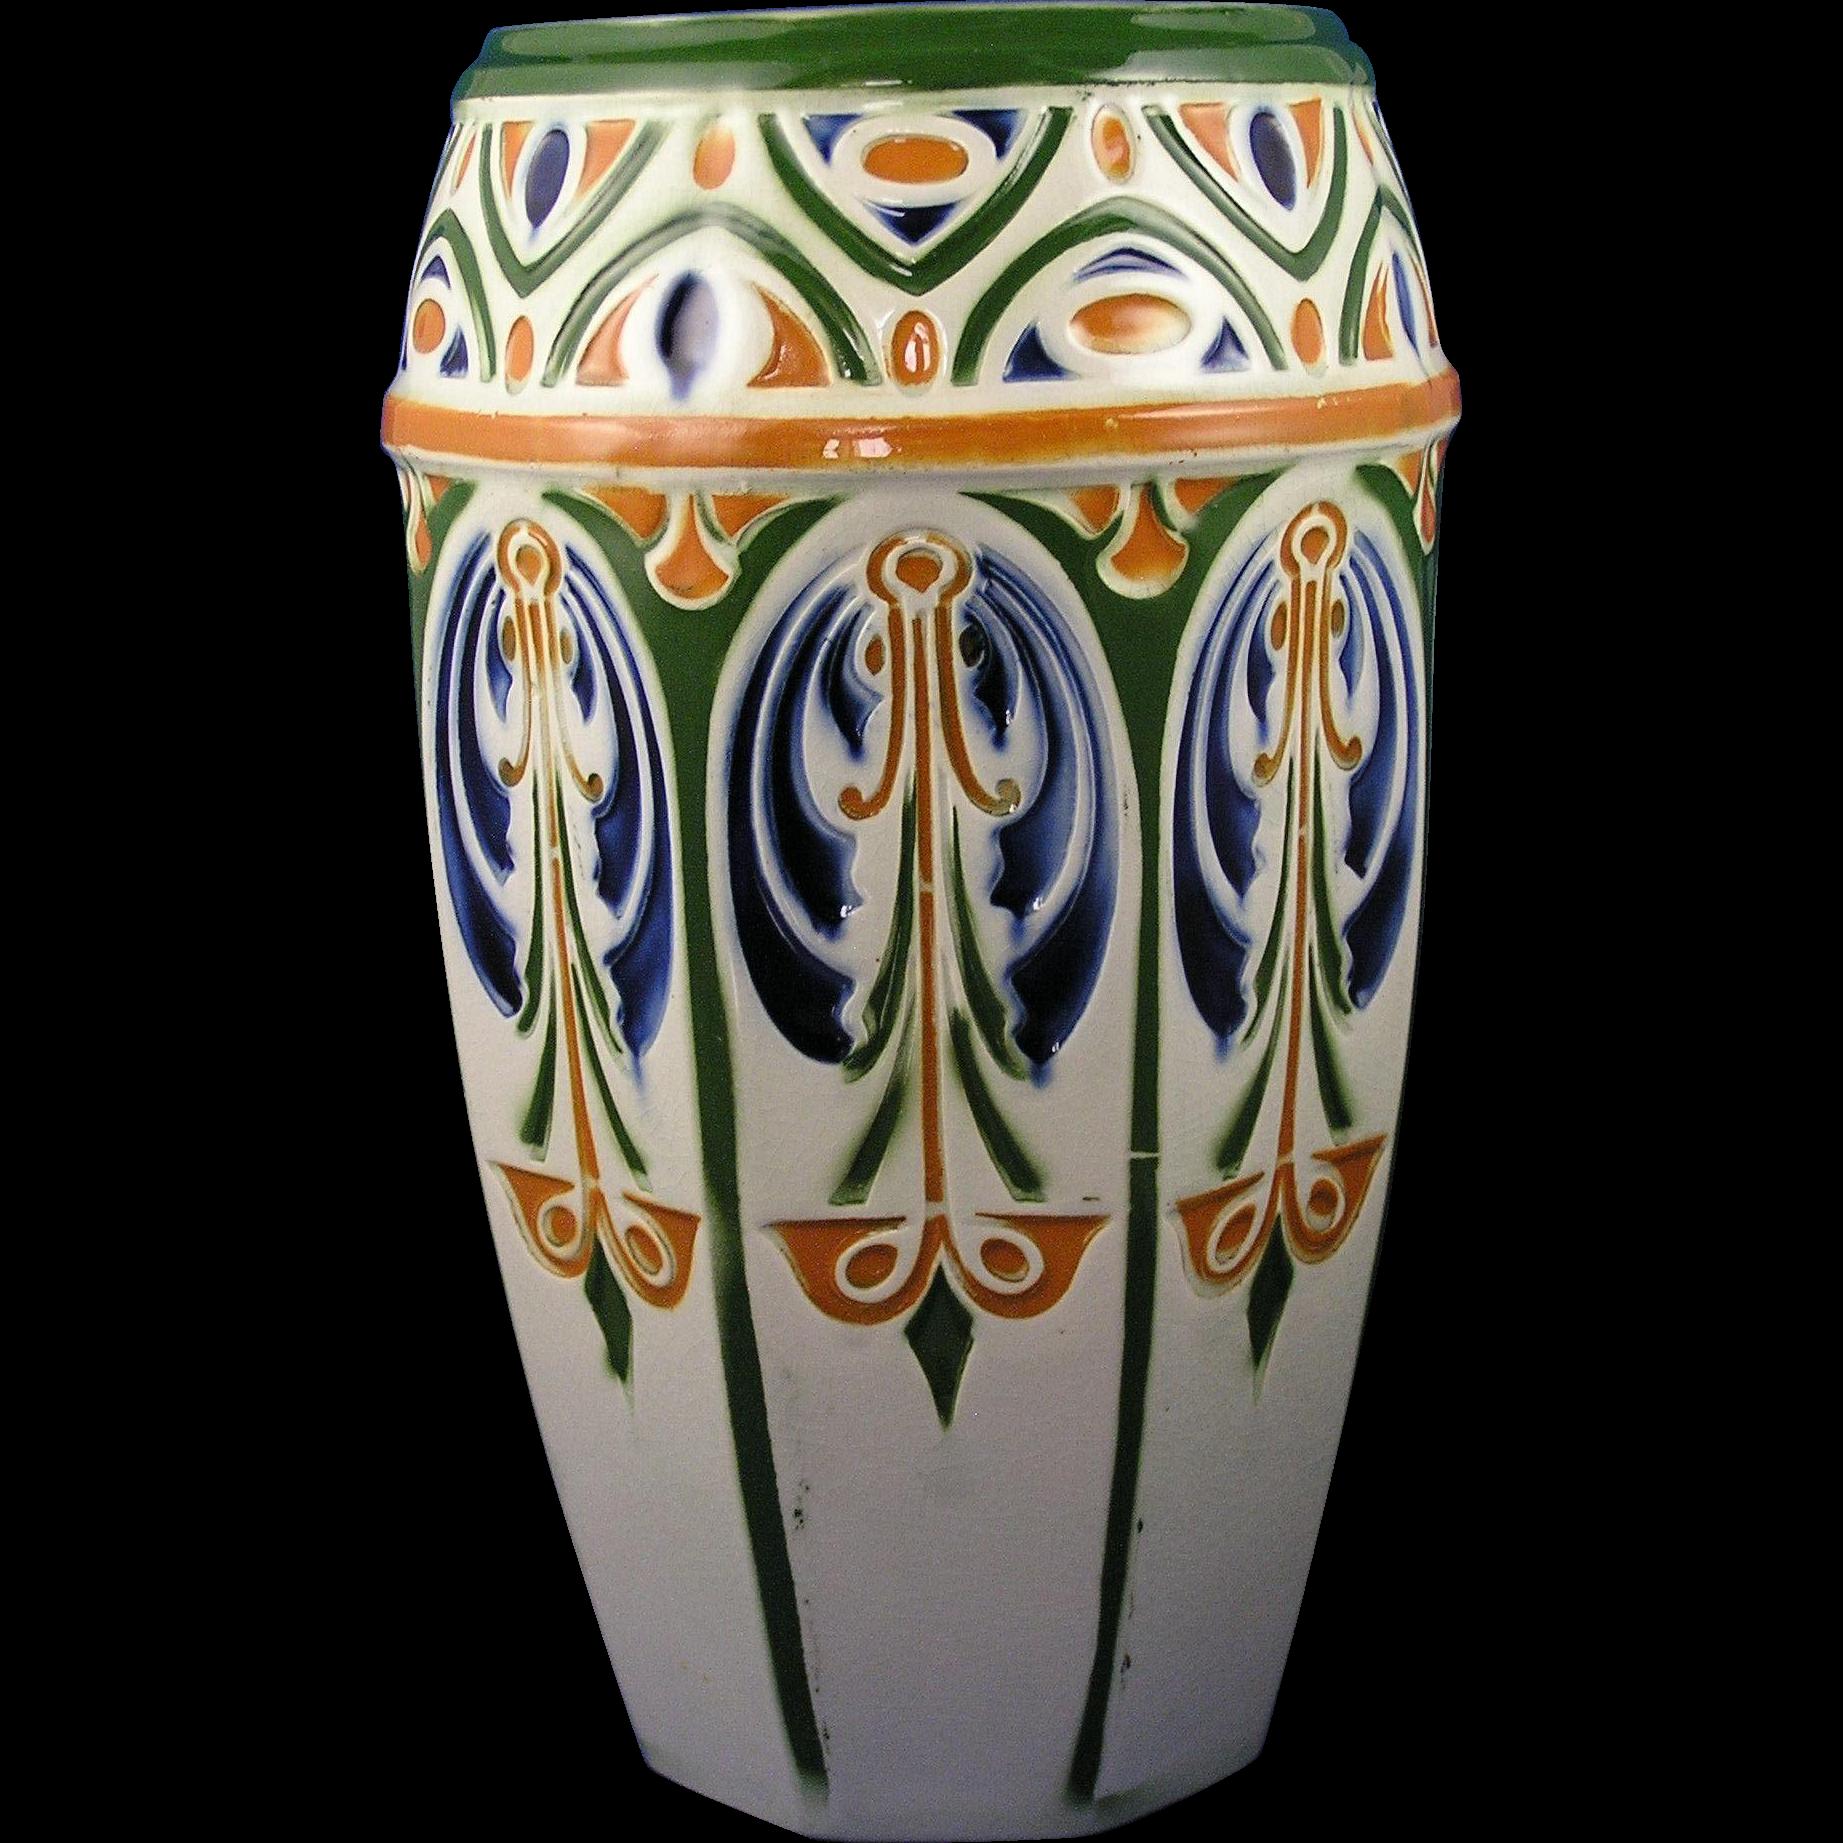 Keller & Guerin St. Clements Luneville France Art Nouveau Vase (c.1889-1915)